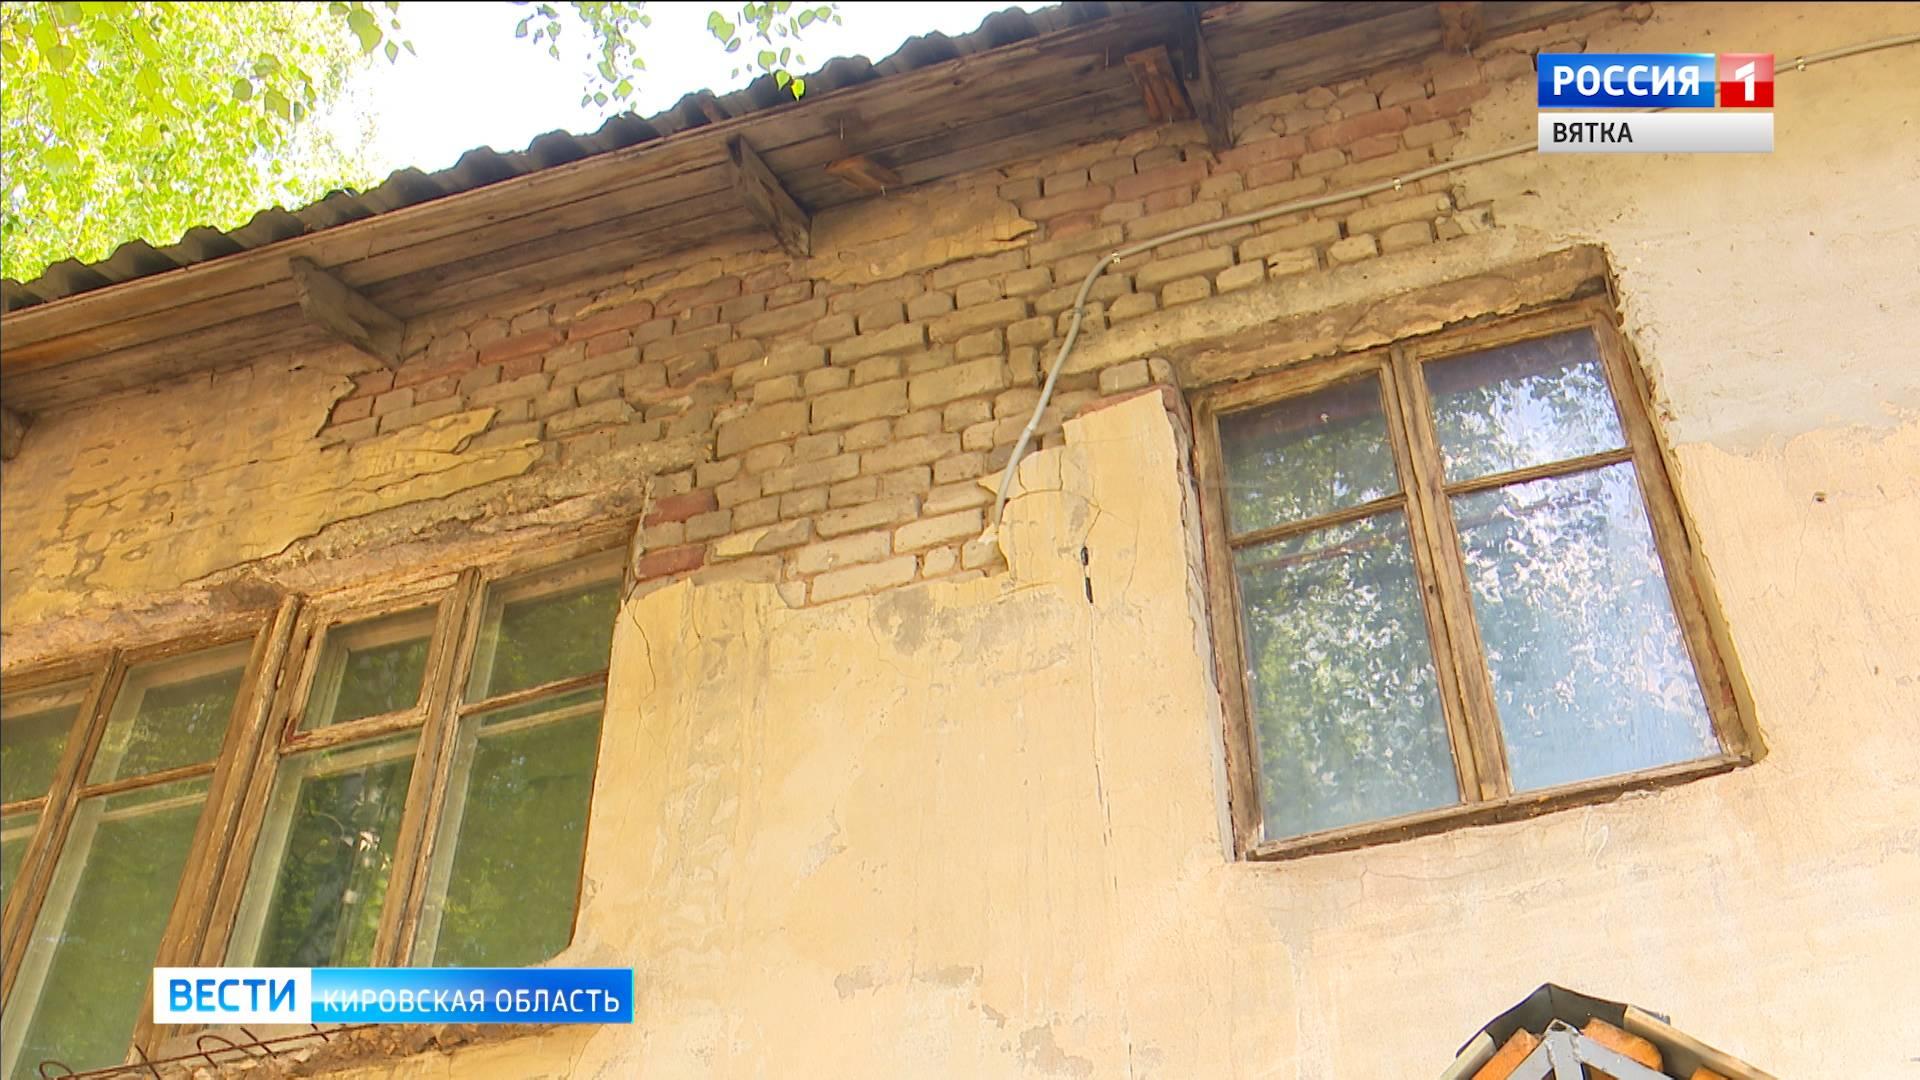 Кировчанам рассказали, как получить статус аварийного дома